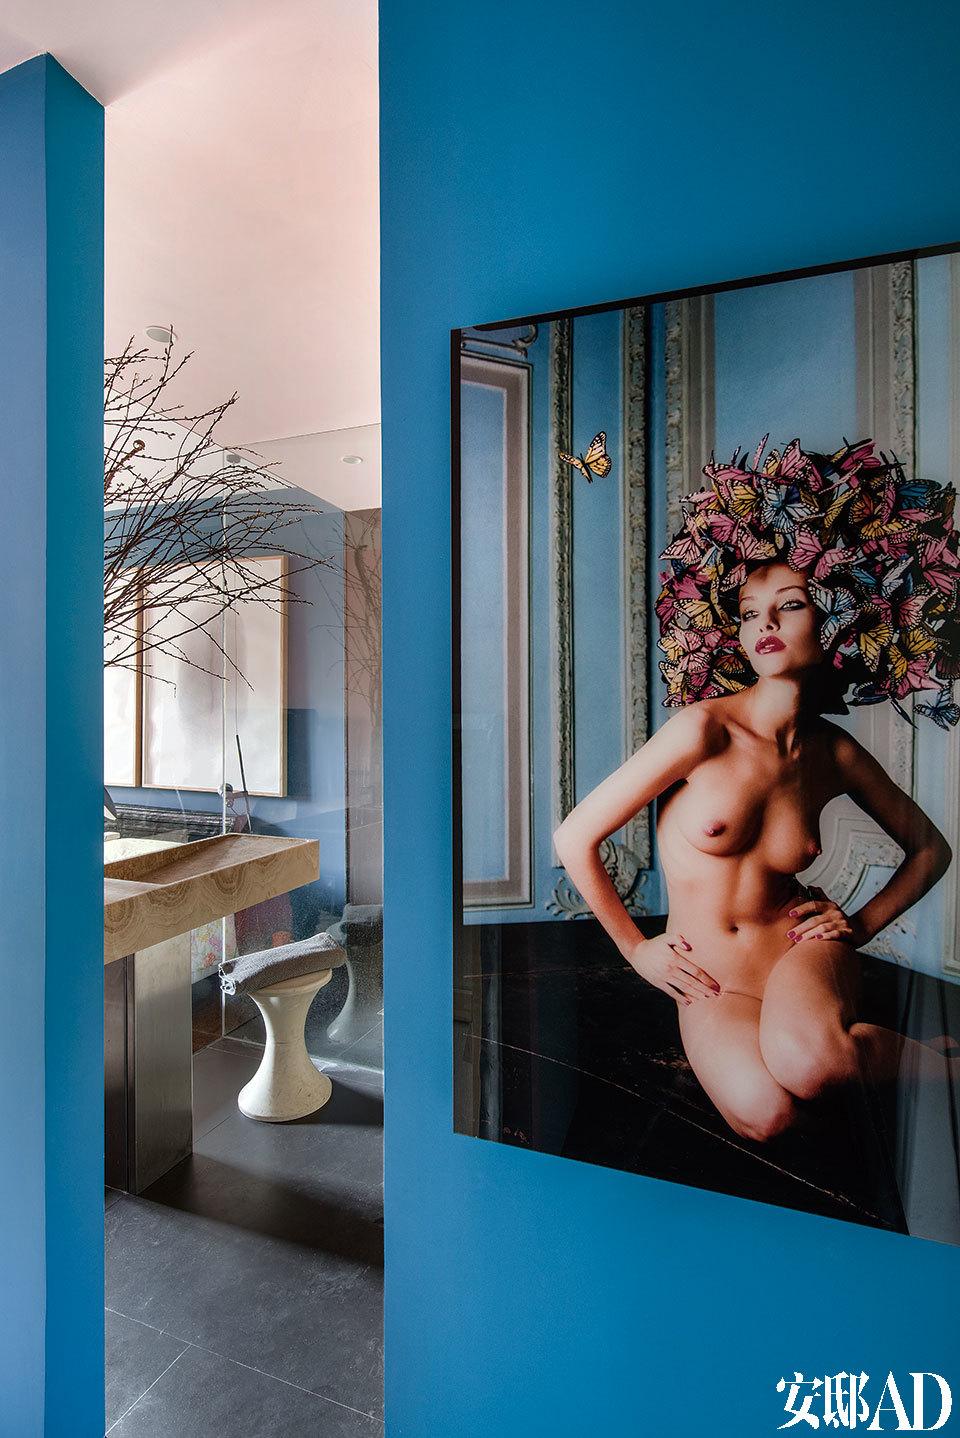 法布里斯有意打造一个开阔而流畅的空间,拆除了原本隔在入口和起居室之间的墙,使私密空间和开放空间的界限更模糊。卧室入口处的摄影作品名为《Nature's Naked Loveliness》(大自然裸露的可爱),来自David Lachapelle。